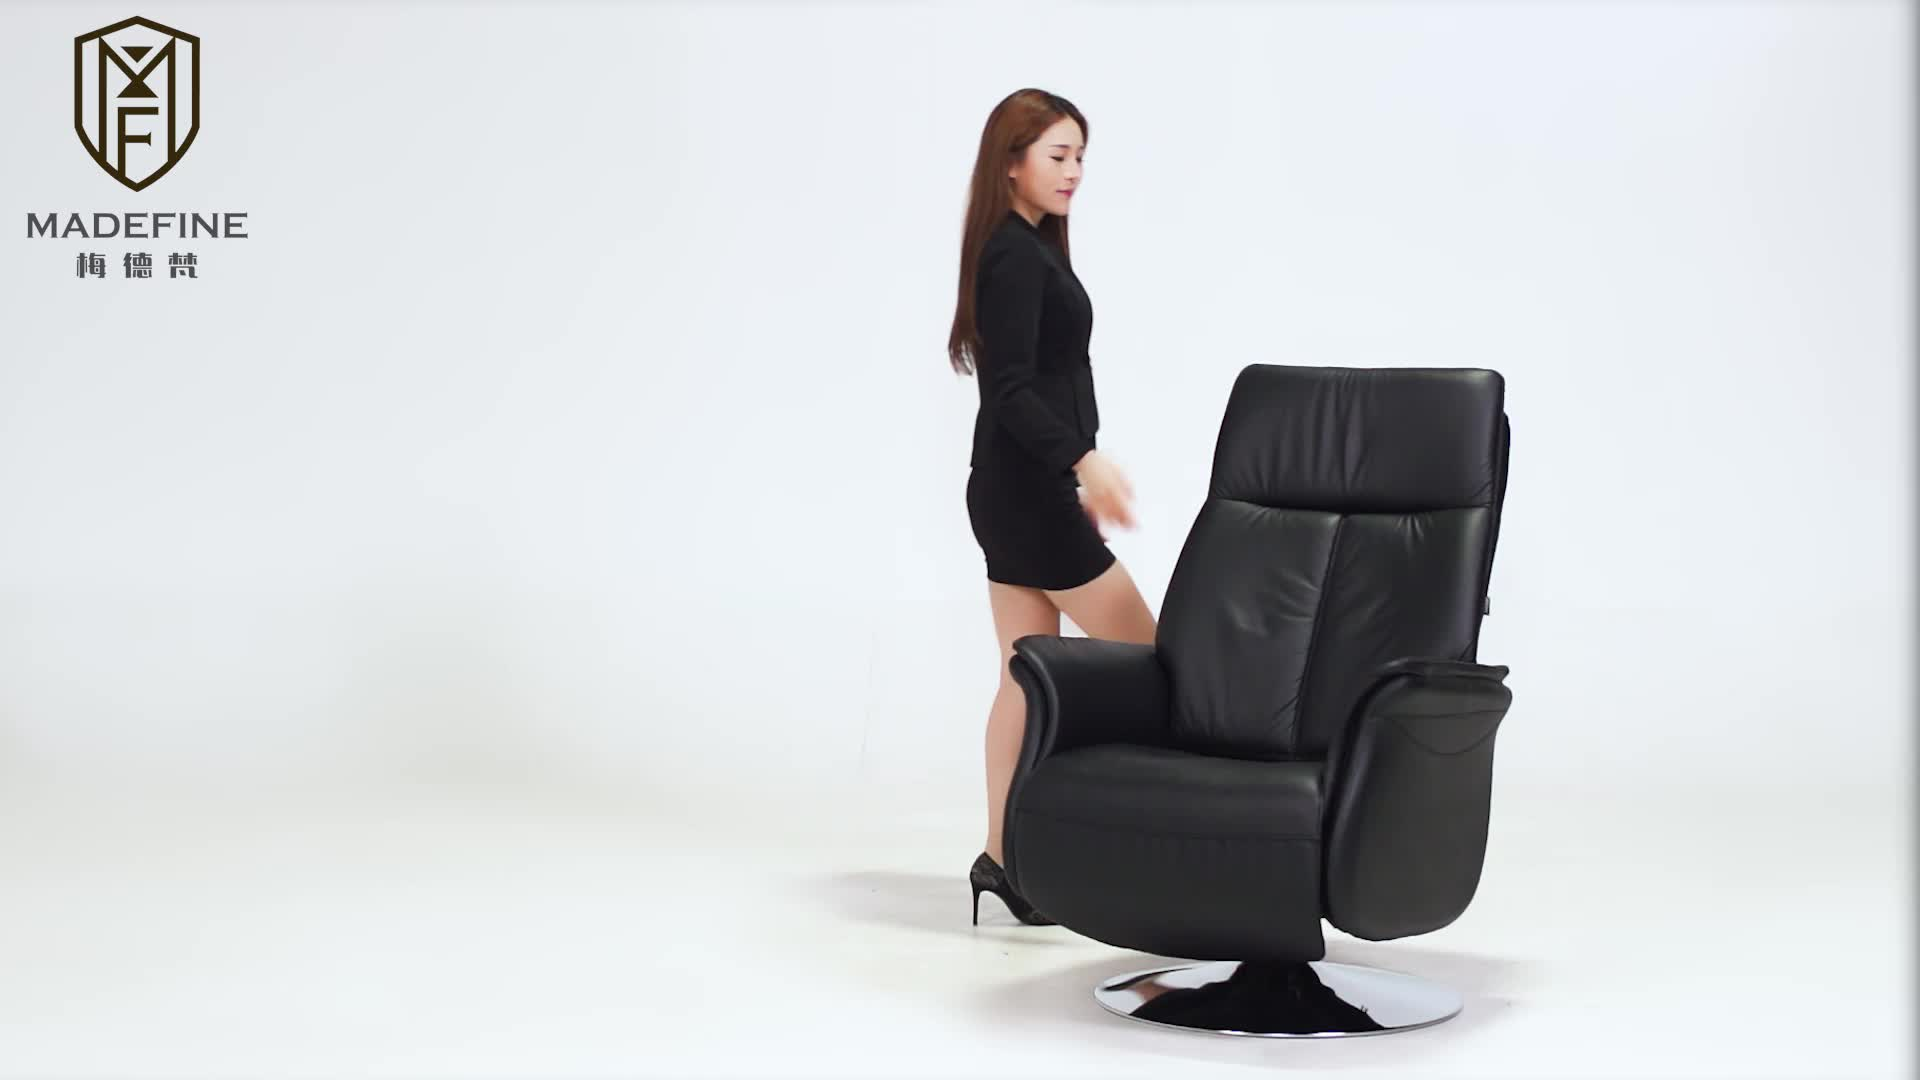 MADEFINE 81872 noir en cuir véritable PU pellissima canapé maison bureau meubles chaises longues salon canapés